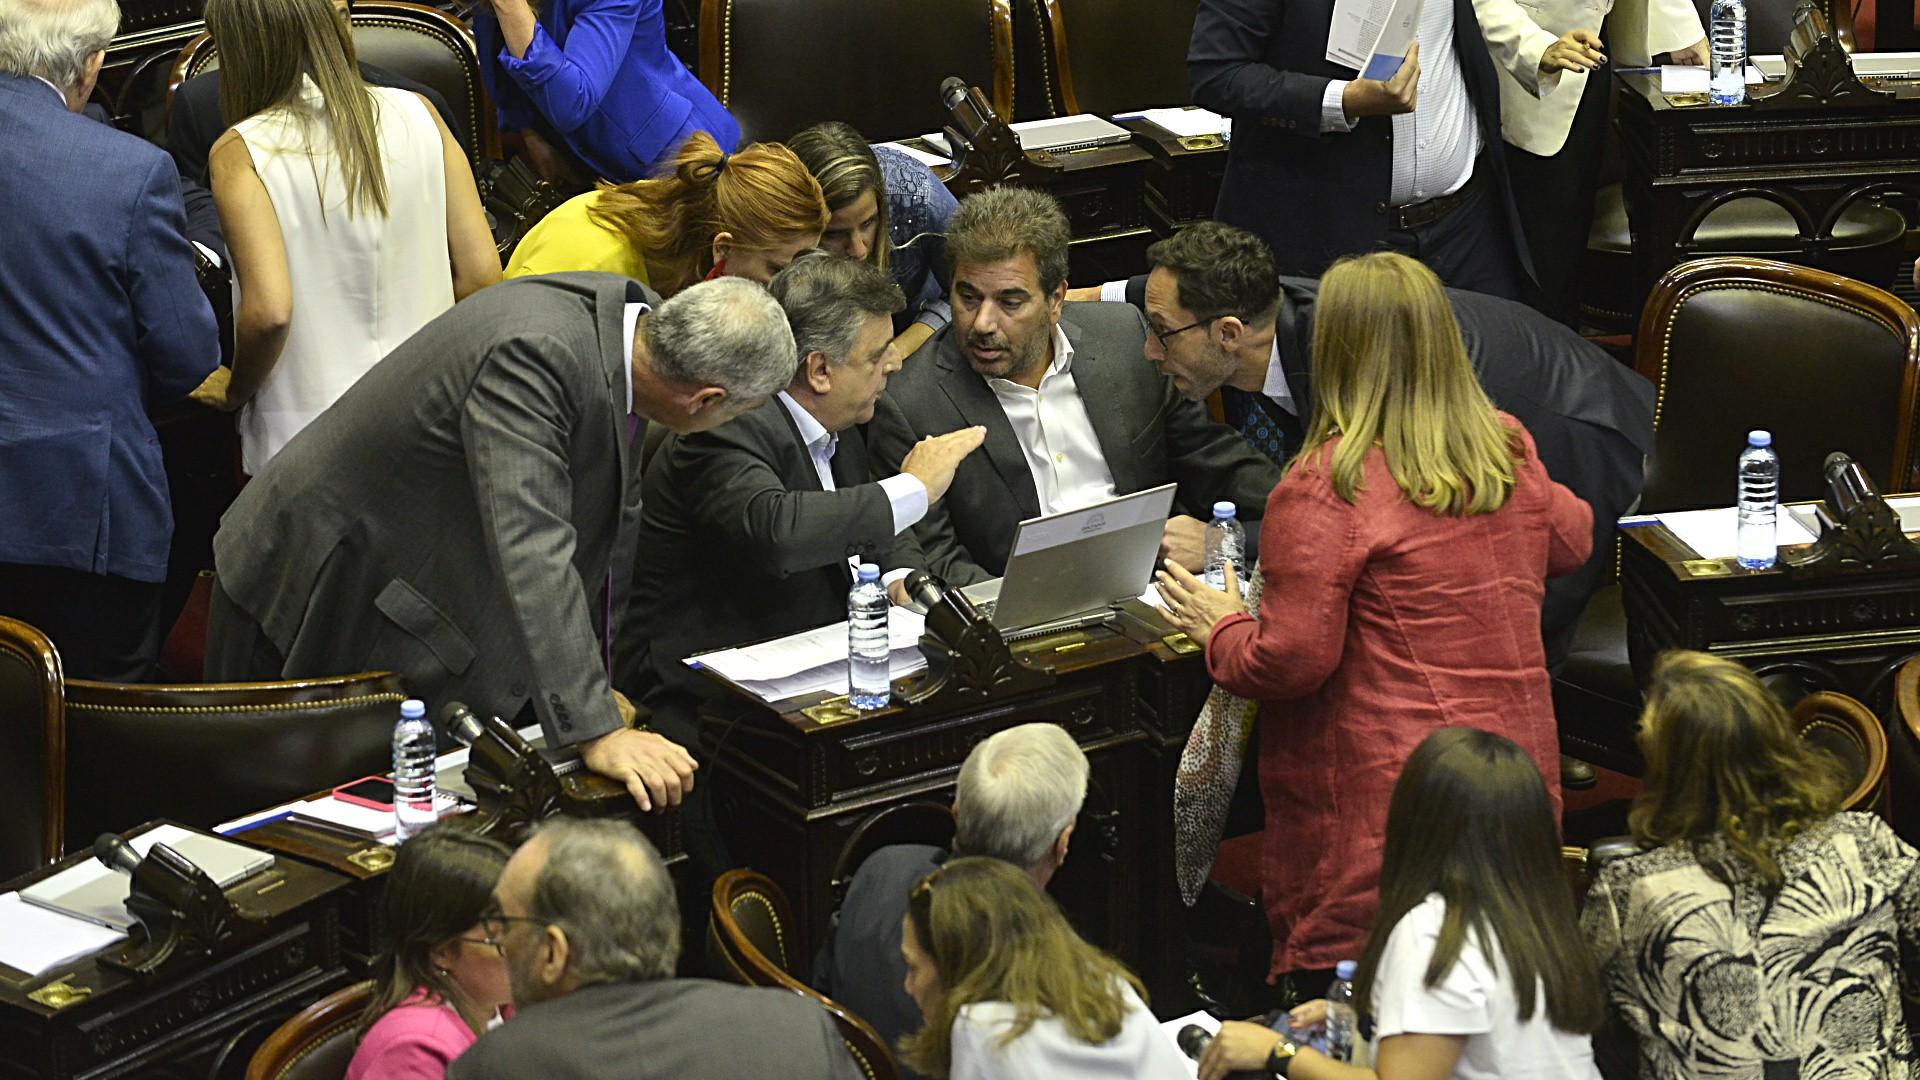 Los principales integrantes de la bancada opositora reunidos para tomar una posición con respecto a la presencia de Daniel Scioli